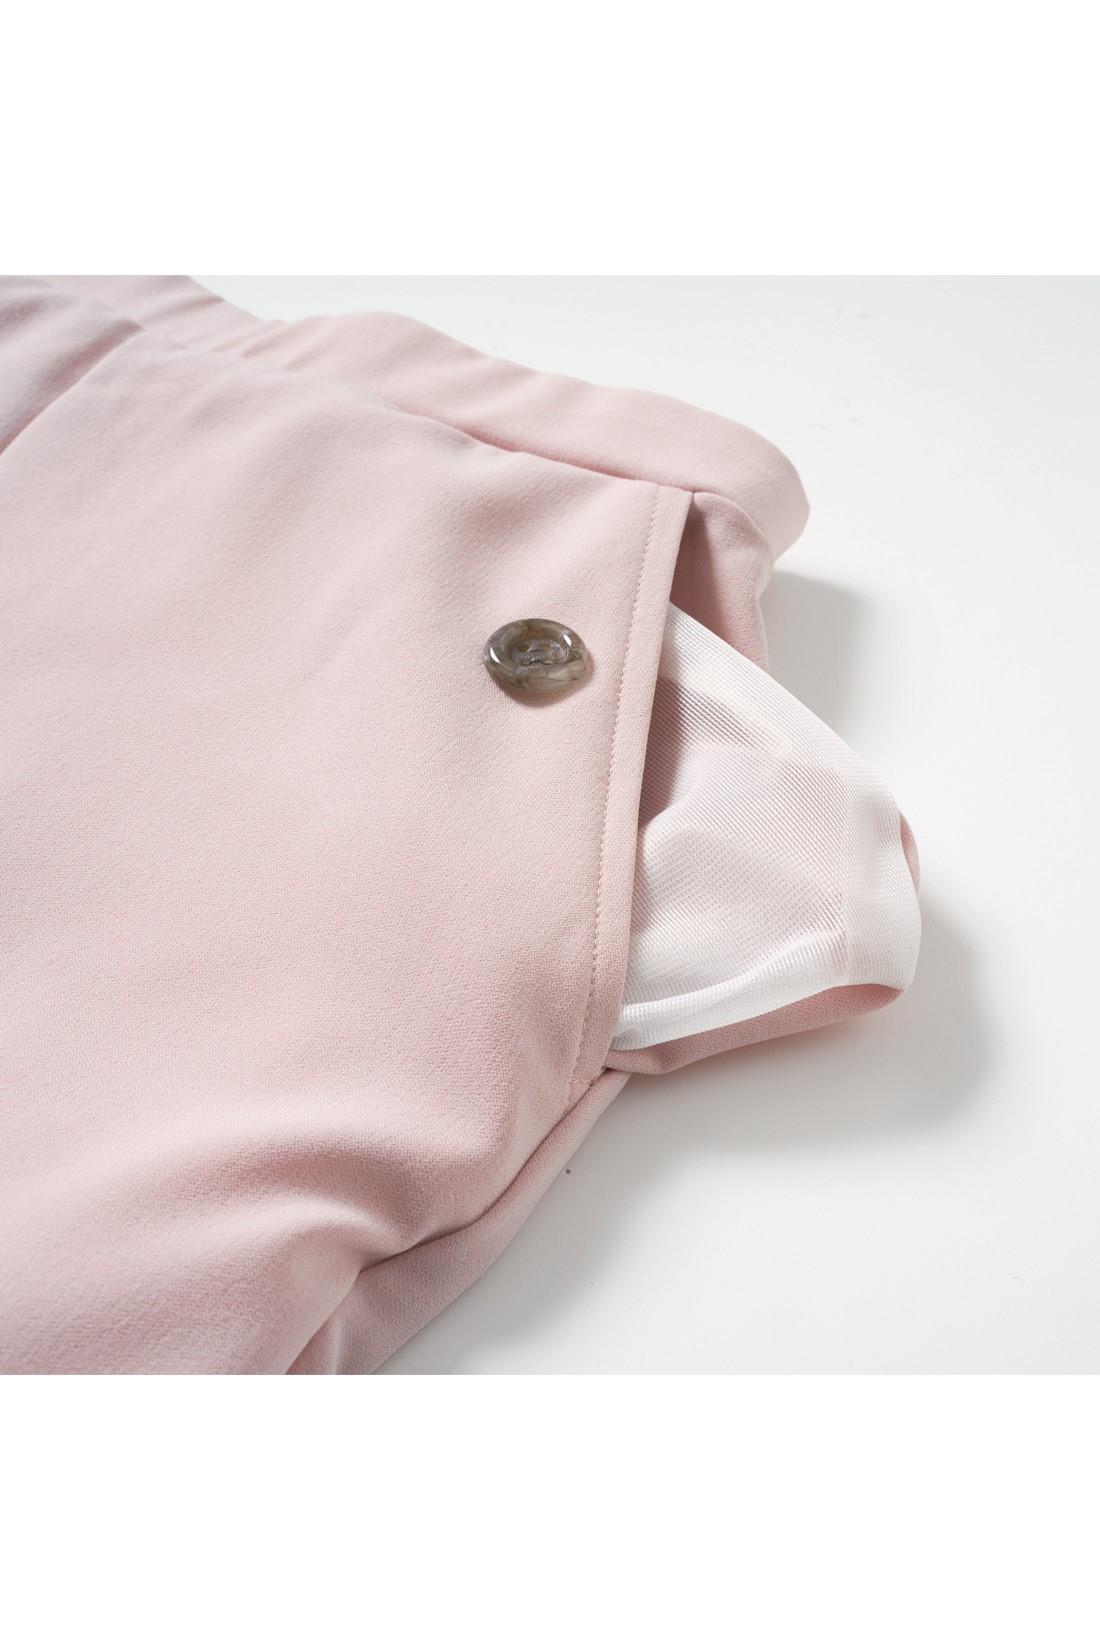 ポケット袋布をメッシュ素材にして涼感UP。※お届けするカラーとは異なります。